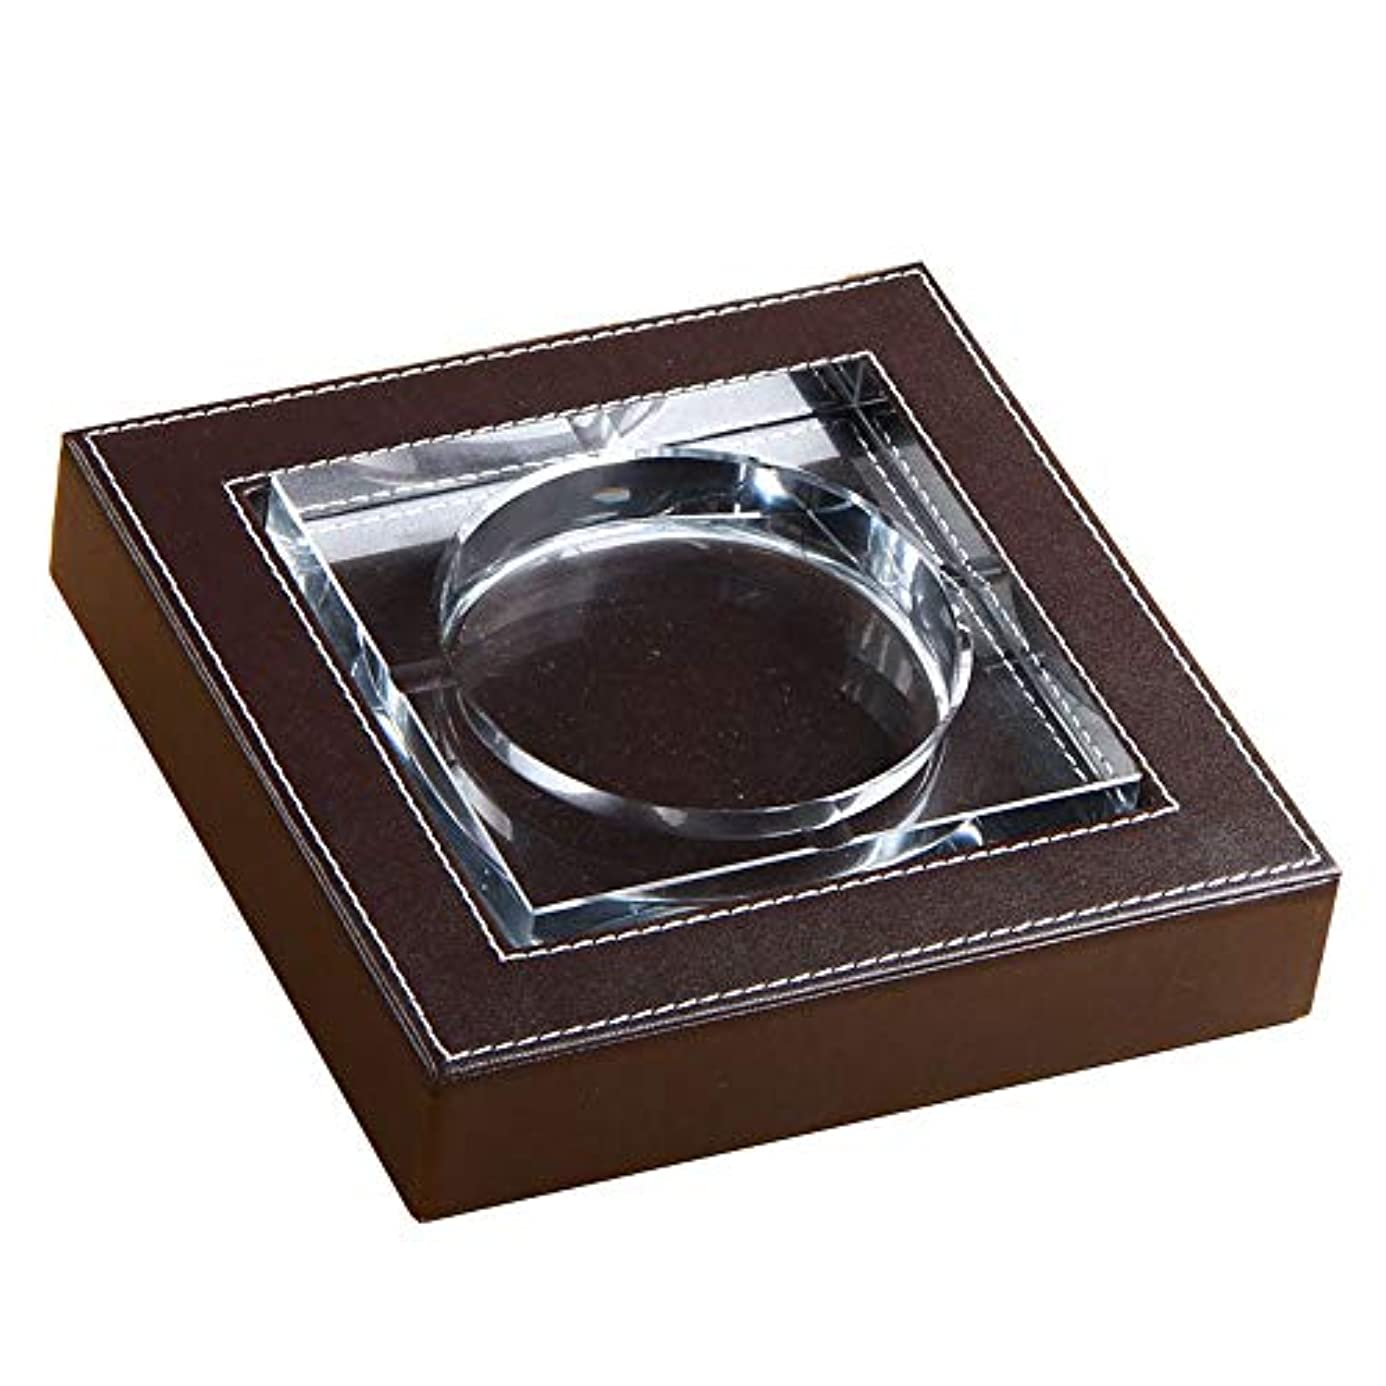 広範囲に変わる事前屋内でクリスタル屋外喫煙者のための灰皿灰皿ホルダー、ホームオフィスの装飾のためのデスクトップの喫煙灰皿 (Size : S)